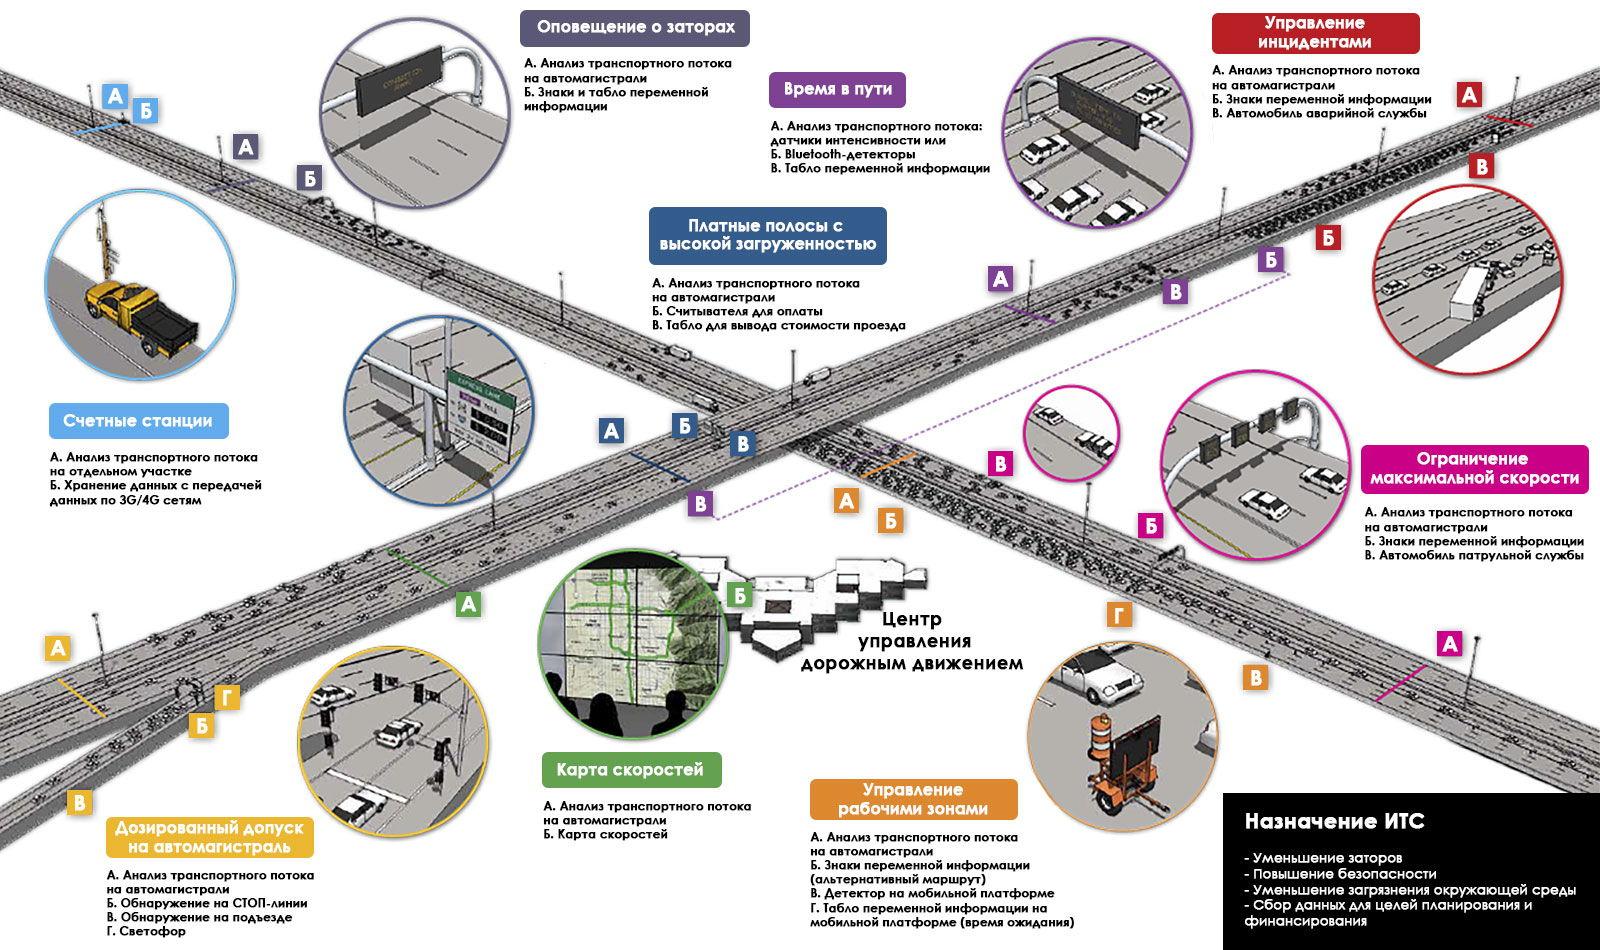 Интеллектуальные транспортные системы мини